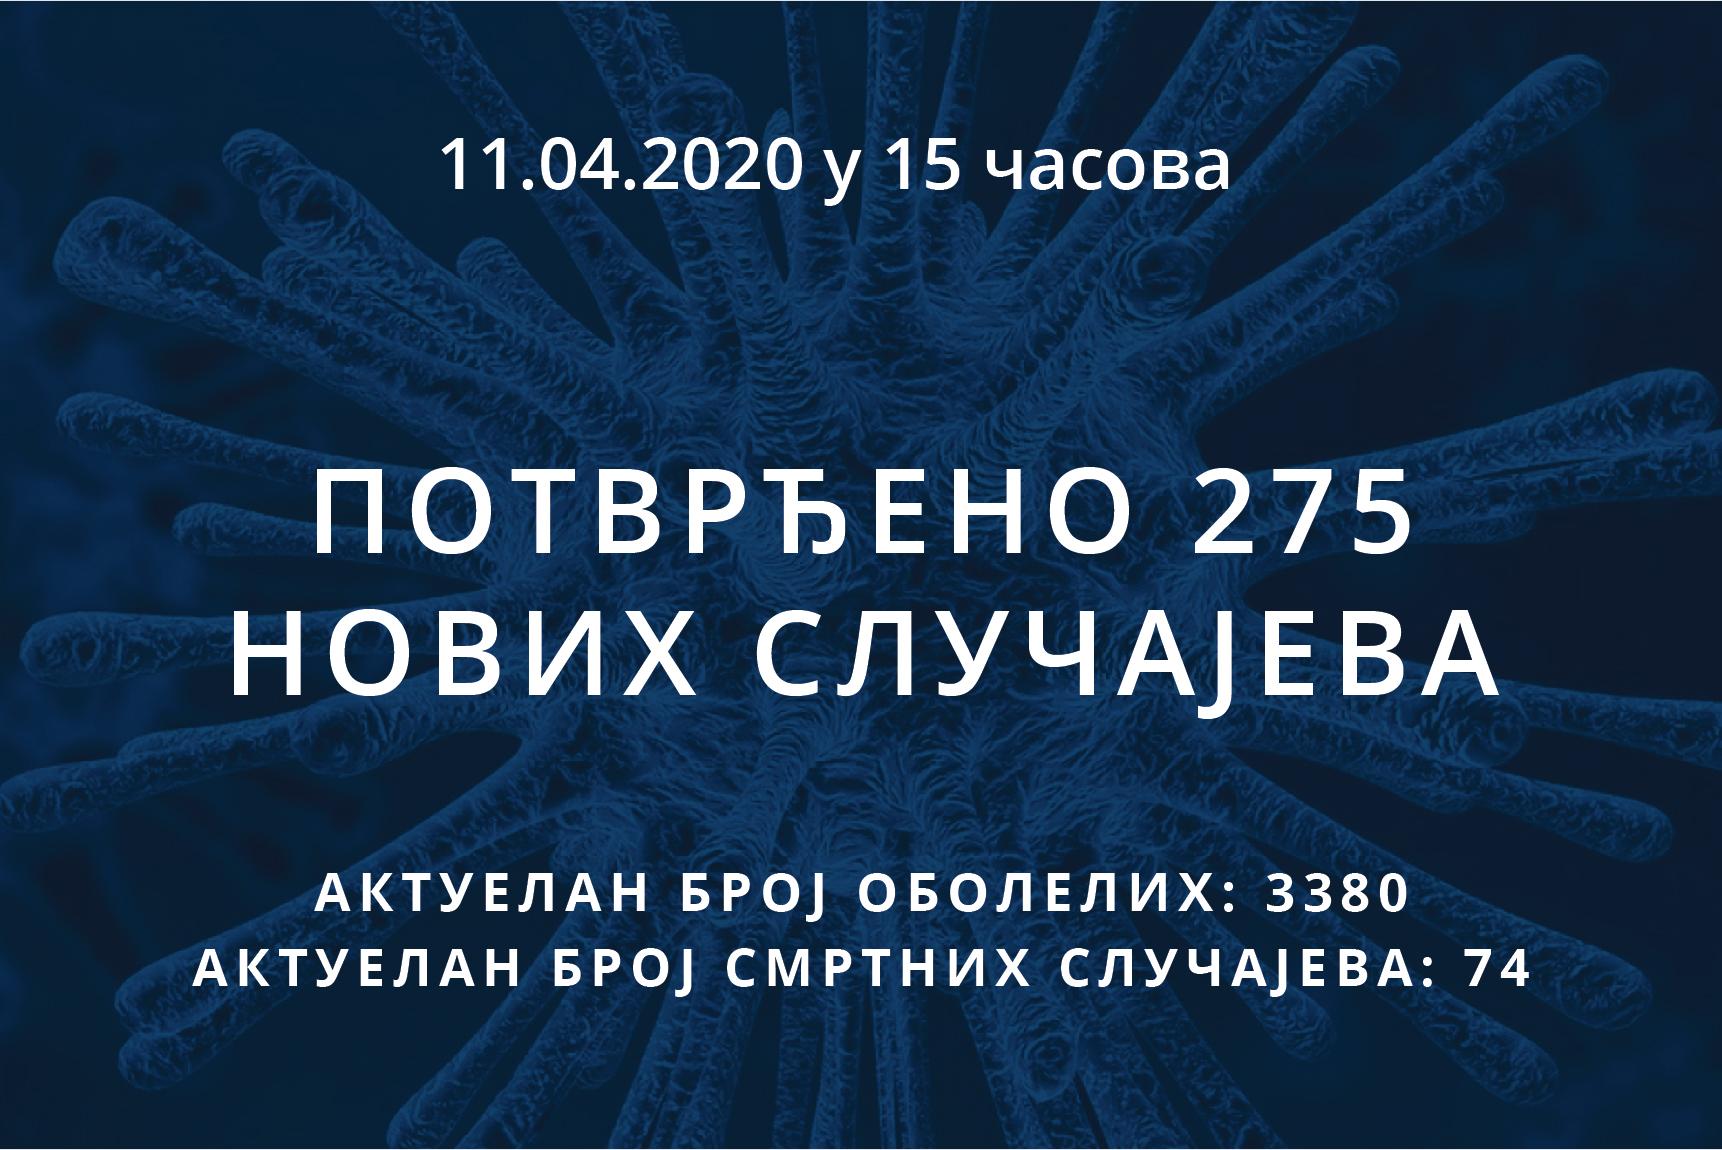 Информације о корона вирусу COVID-19, 11.04.2020 у 15 часова